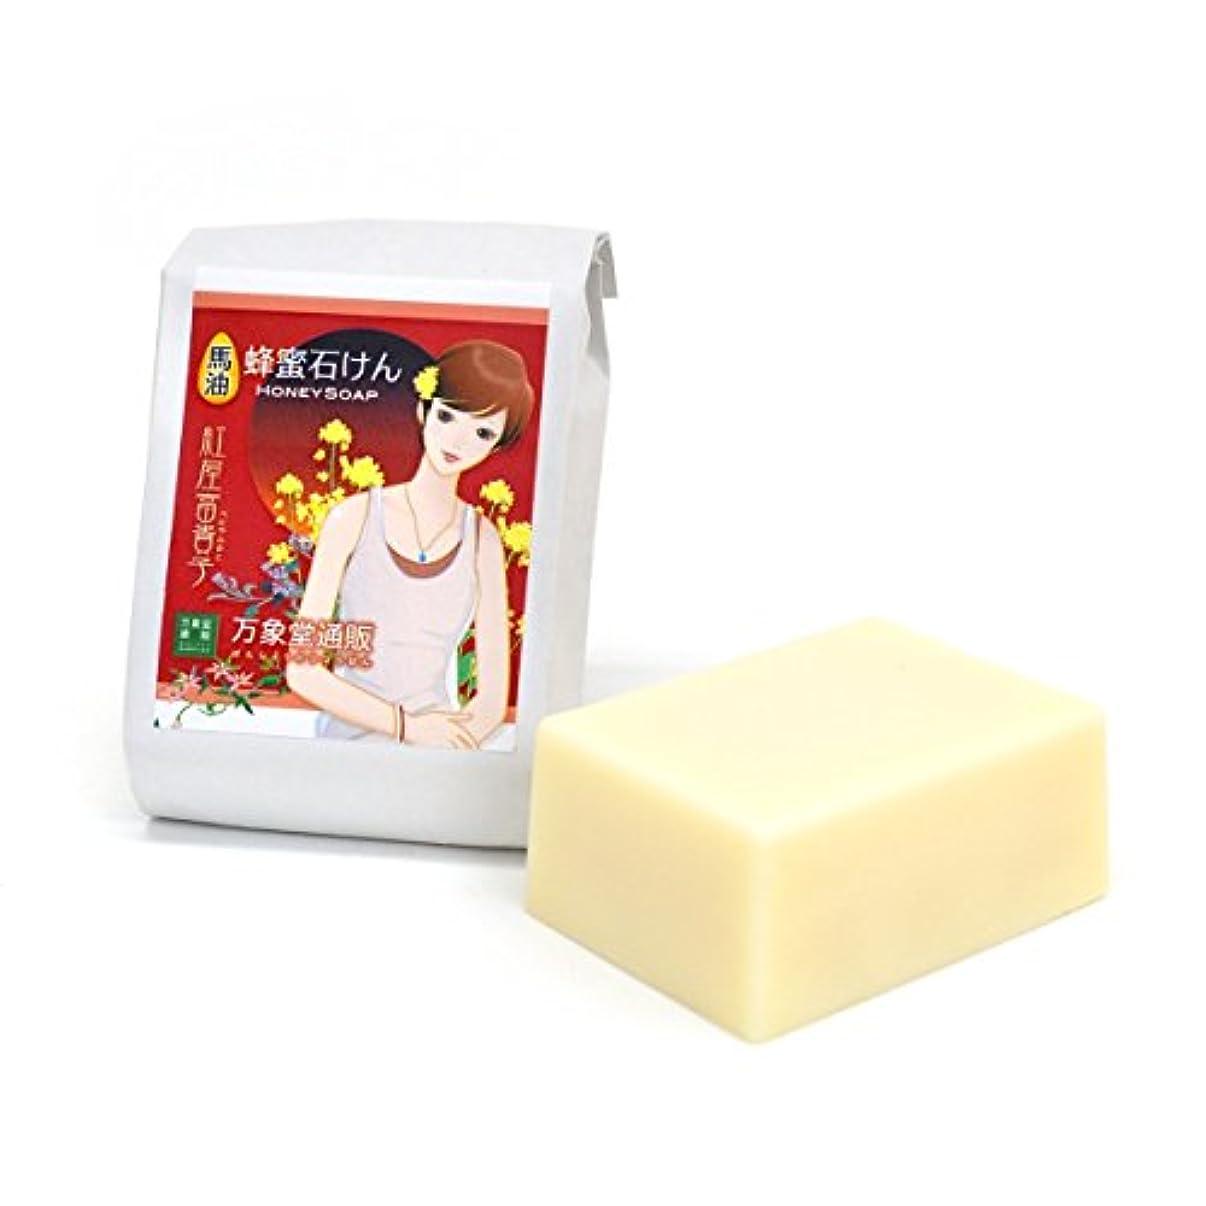 自治的威信リボン森羅万象堂 馬油石鹸 90g(国産)熊本県産 国産蜂蜜配合